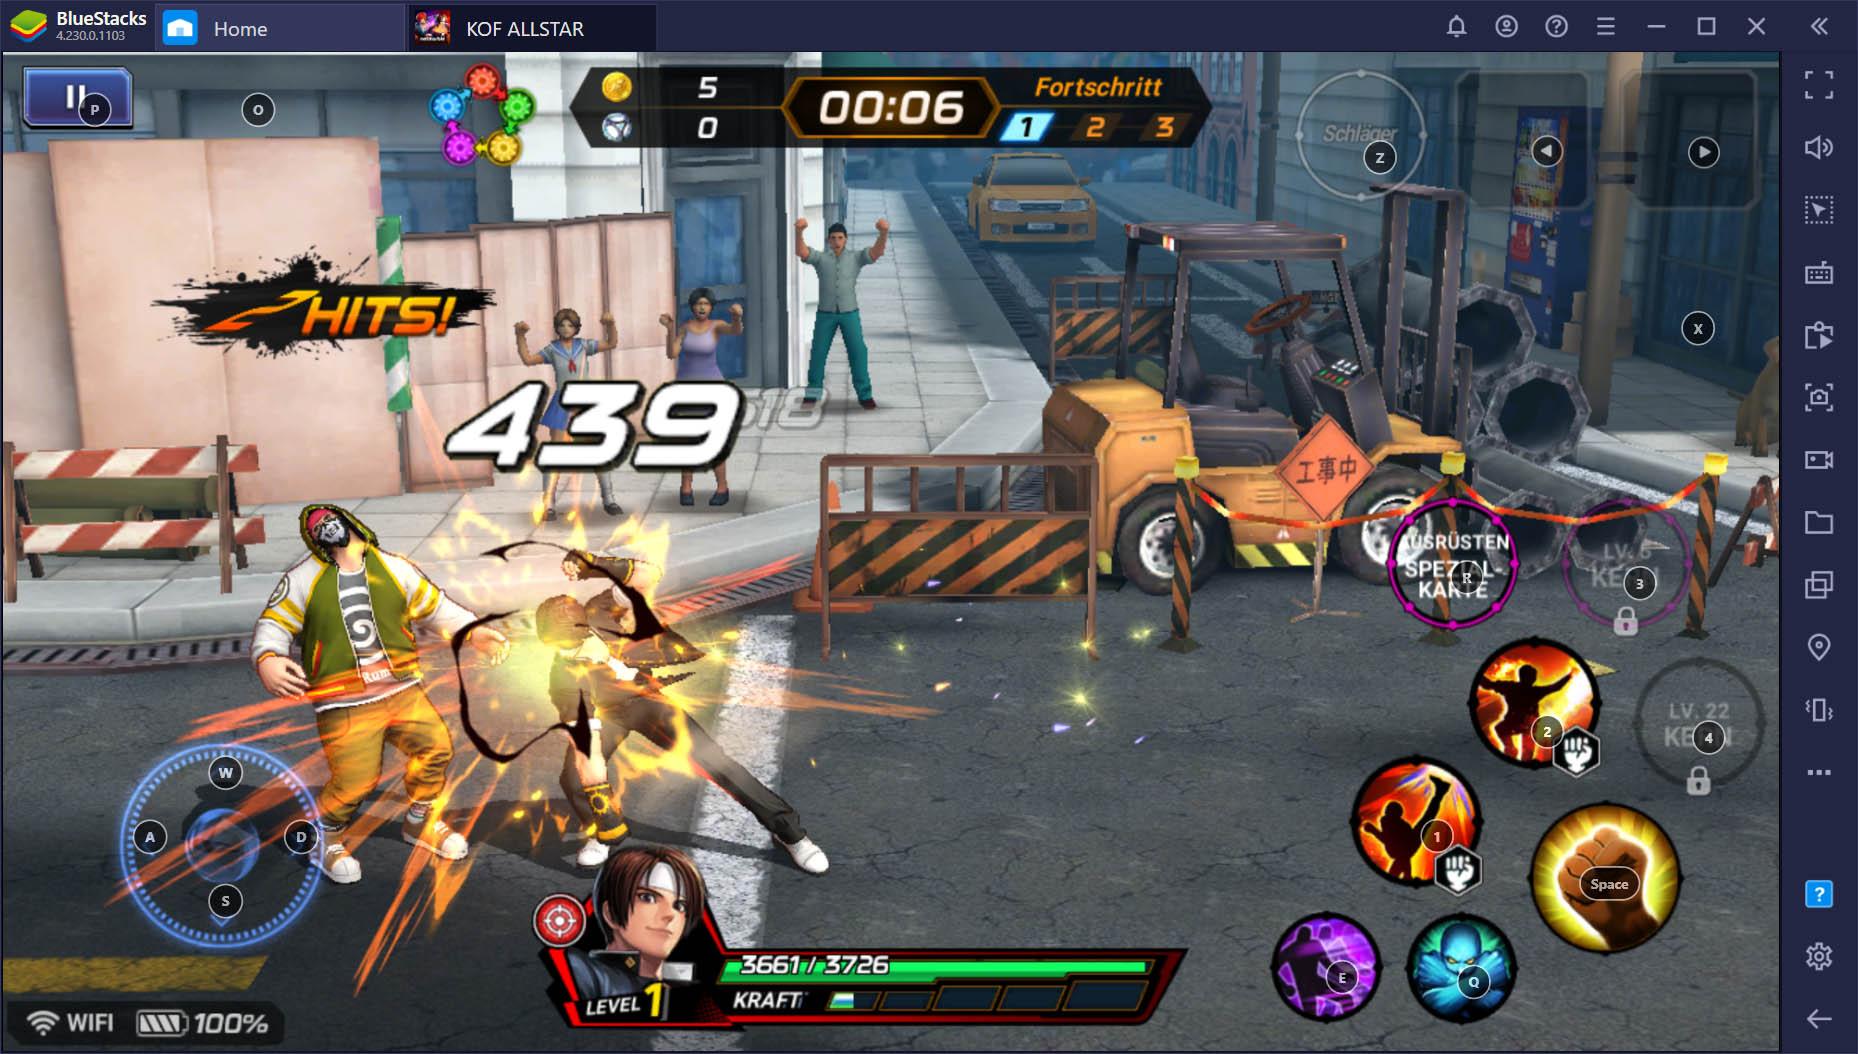 BlueStacks Spielsteuerung: Spiele Android-Spiele auf deinem PC mit Tastatur und Maus oder Gamepad